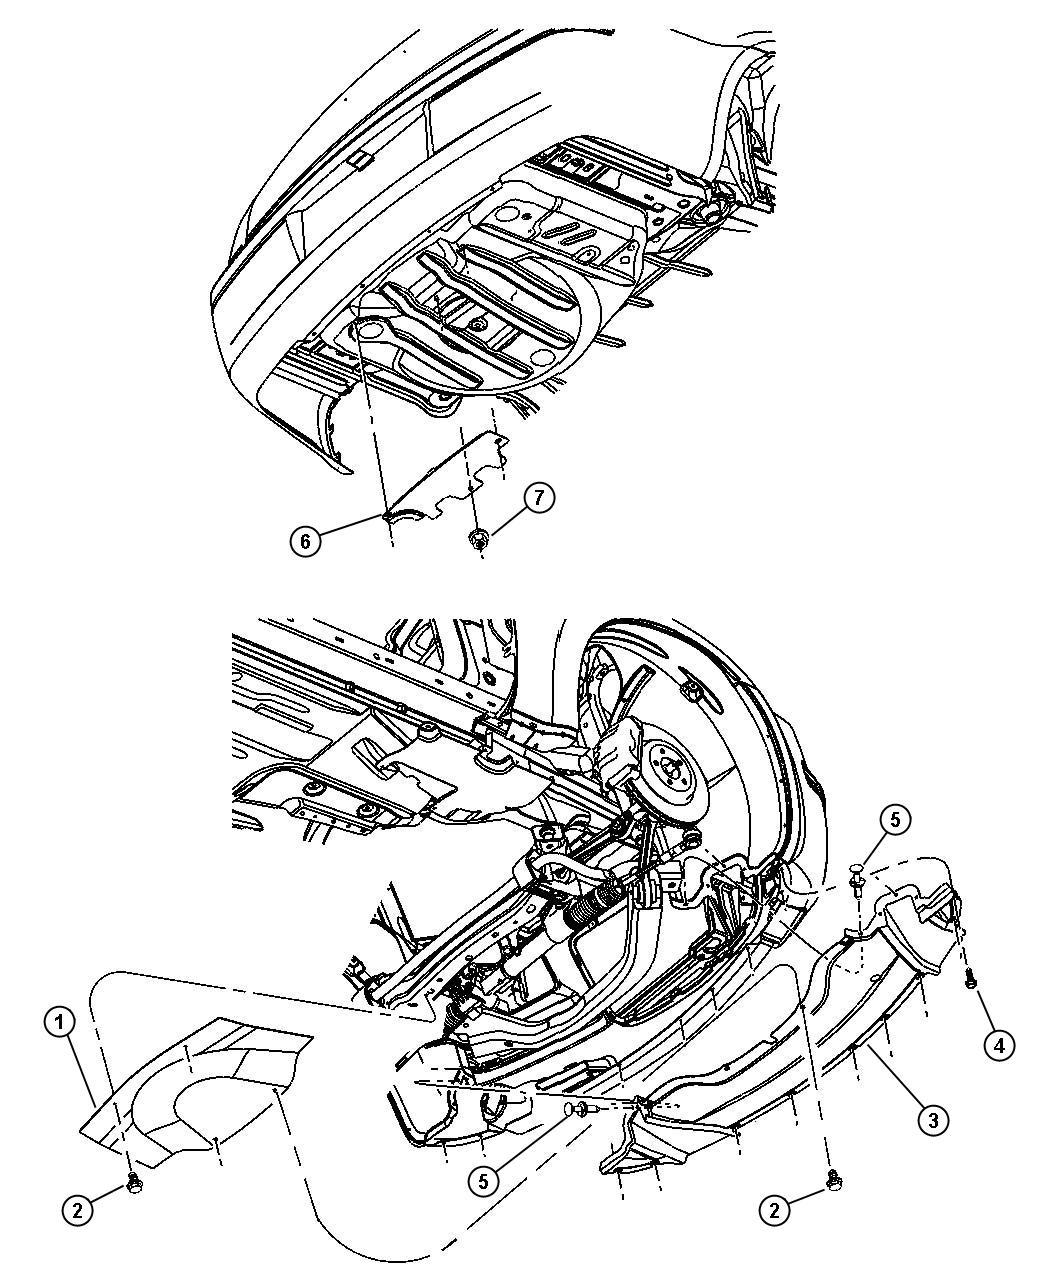 2006 Dodge Magnum SRT8 SRT8 6.1L Hemi SRT V8 Belly pan